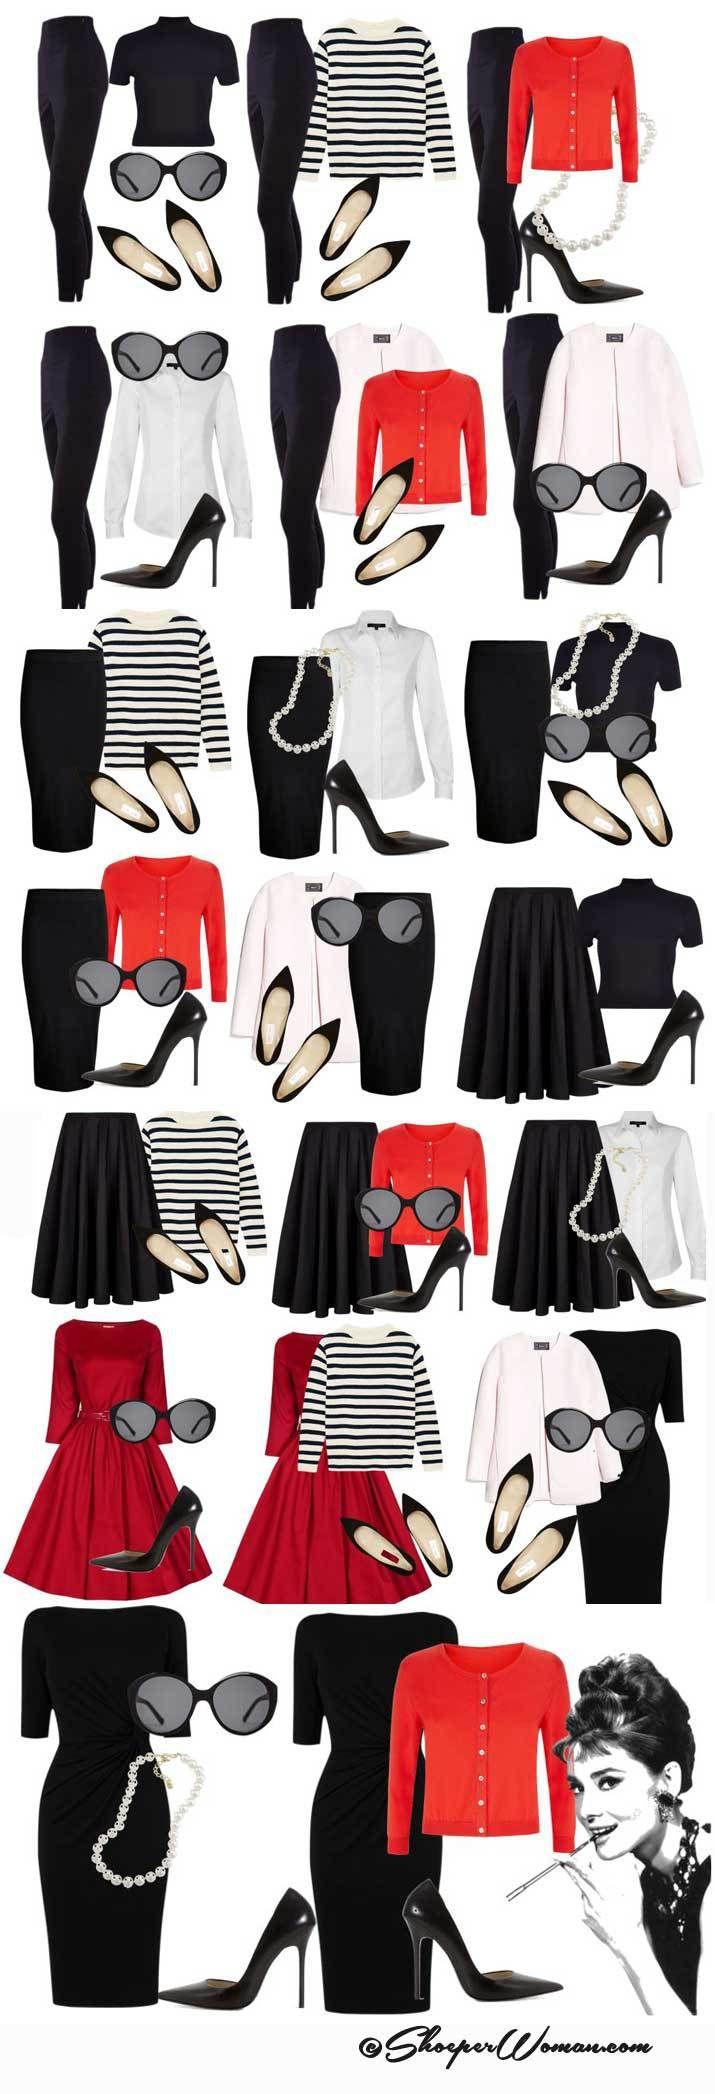 Combinación de prendas